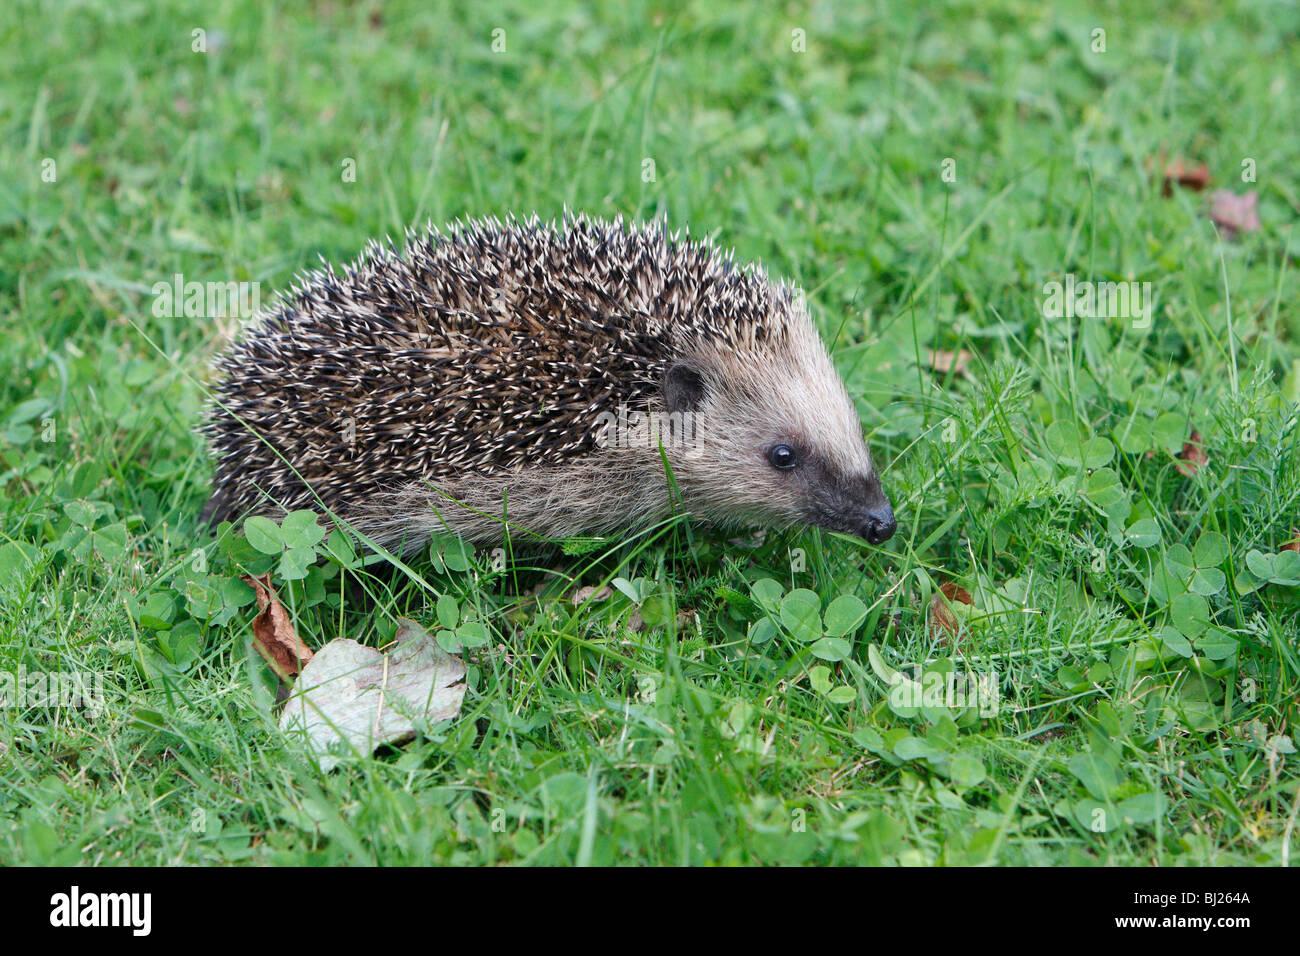 European Hedgehog (Erinaceus europaeus) young animal in garden - Stock Image